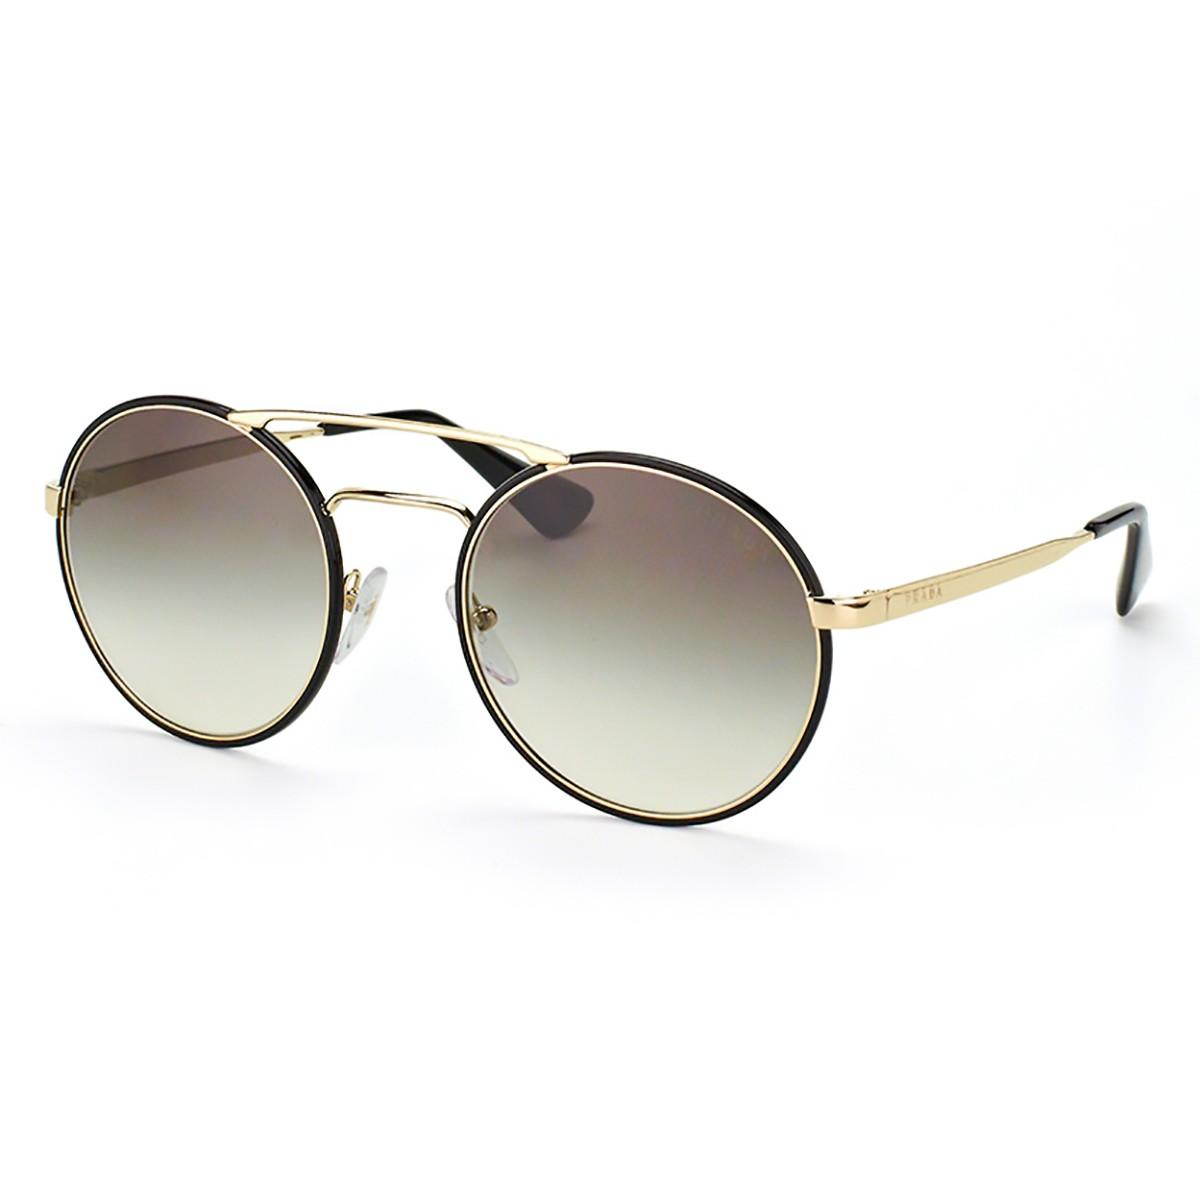 400cd020201 Óculos de Sol Prada Redondo PR 50TS Feminino - Compre Agora  Netshoes  533f9a1be5a Compre Óculos de Sol Prada em 10X Tri-Jóia Shop ... 1da6e5a843